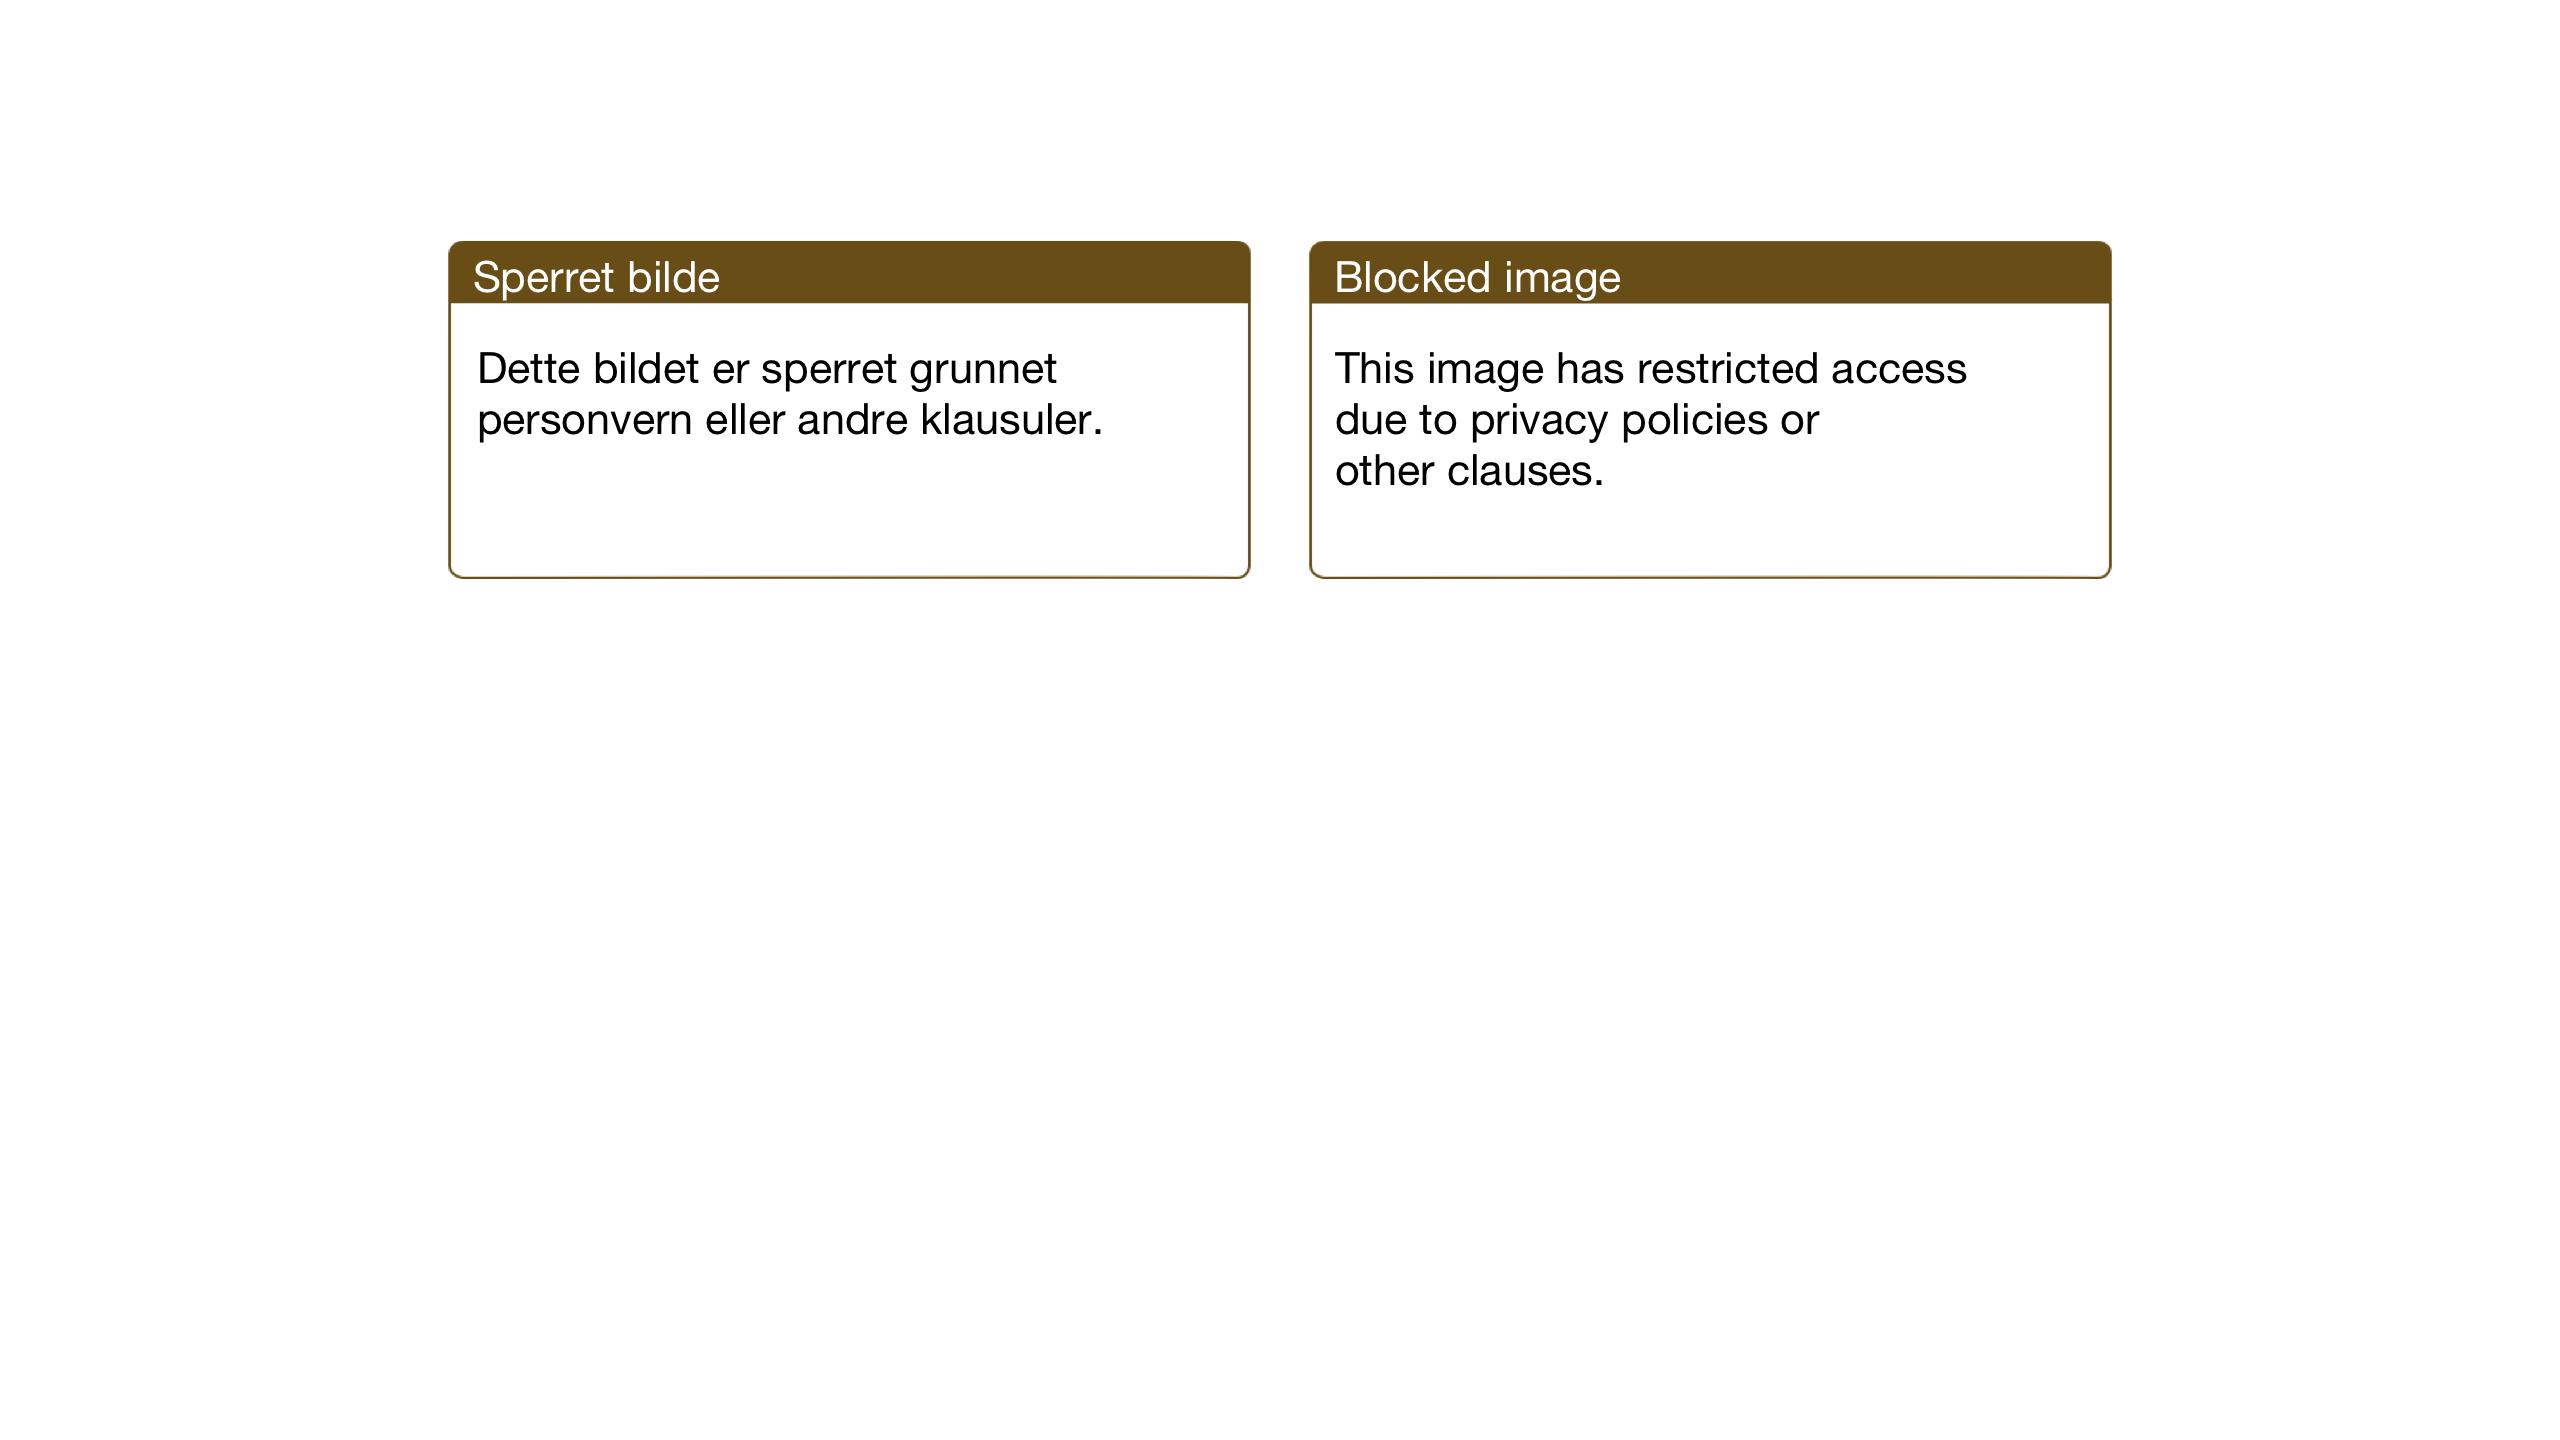 SAT, Ministerialprotokoller, klokkerbøker og fødselsregistre - Sør-Trøndelag, 618/L0454: Klokkerbok nr. 618C05, 1926-1946, s. 33